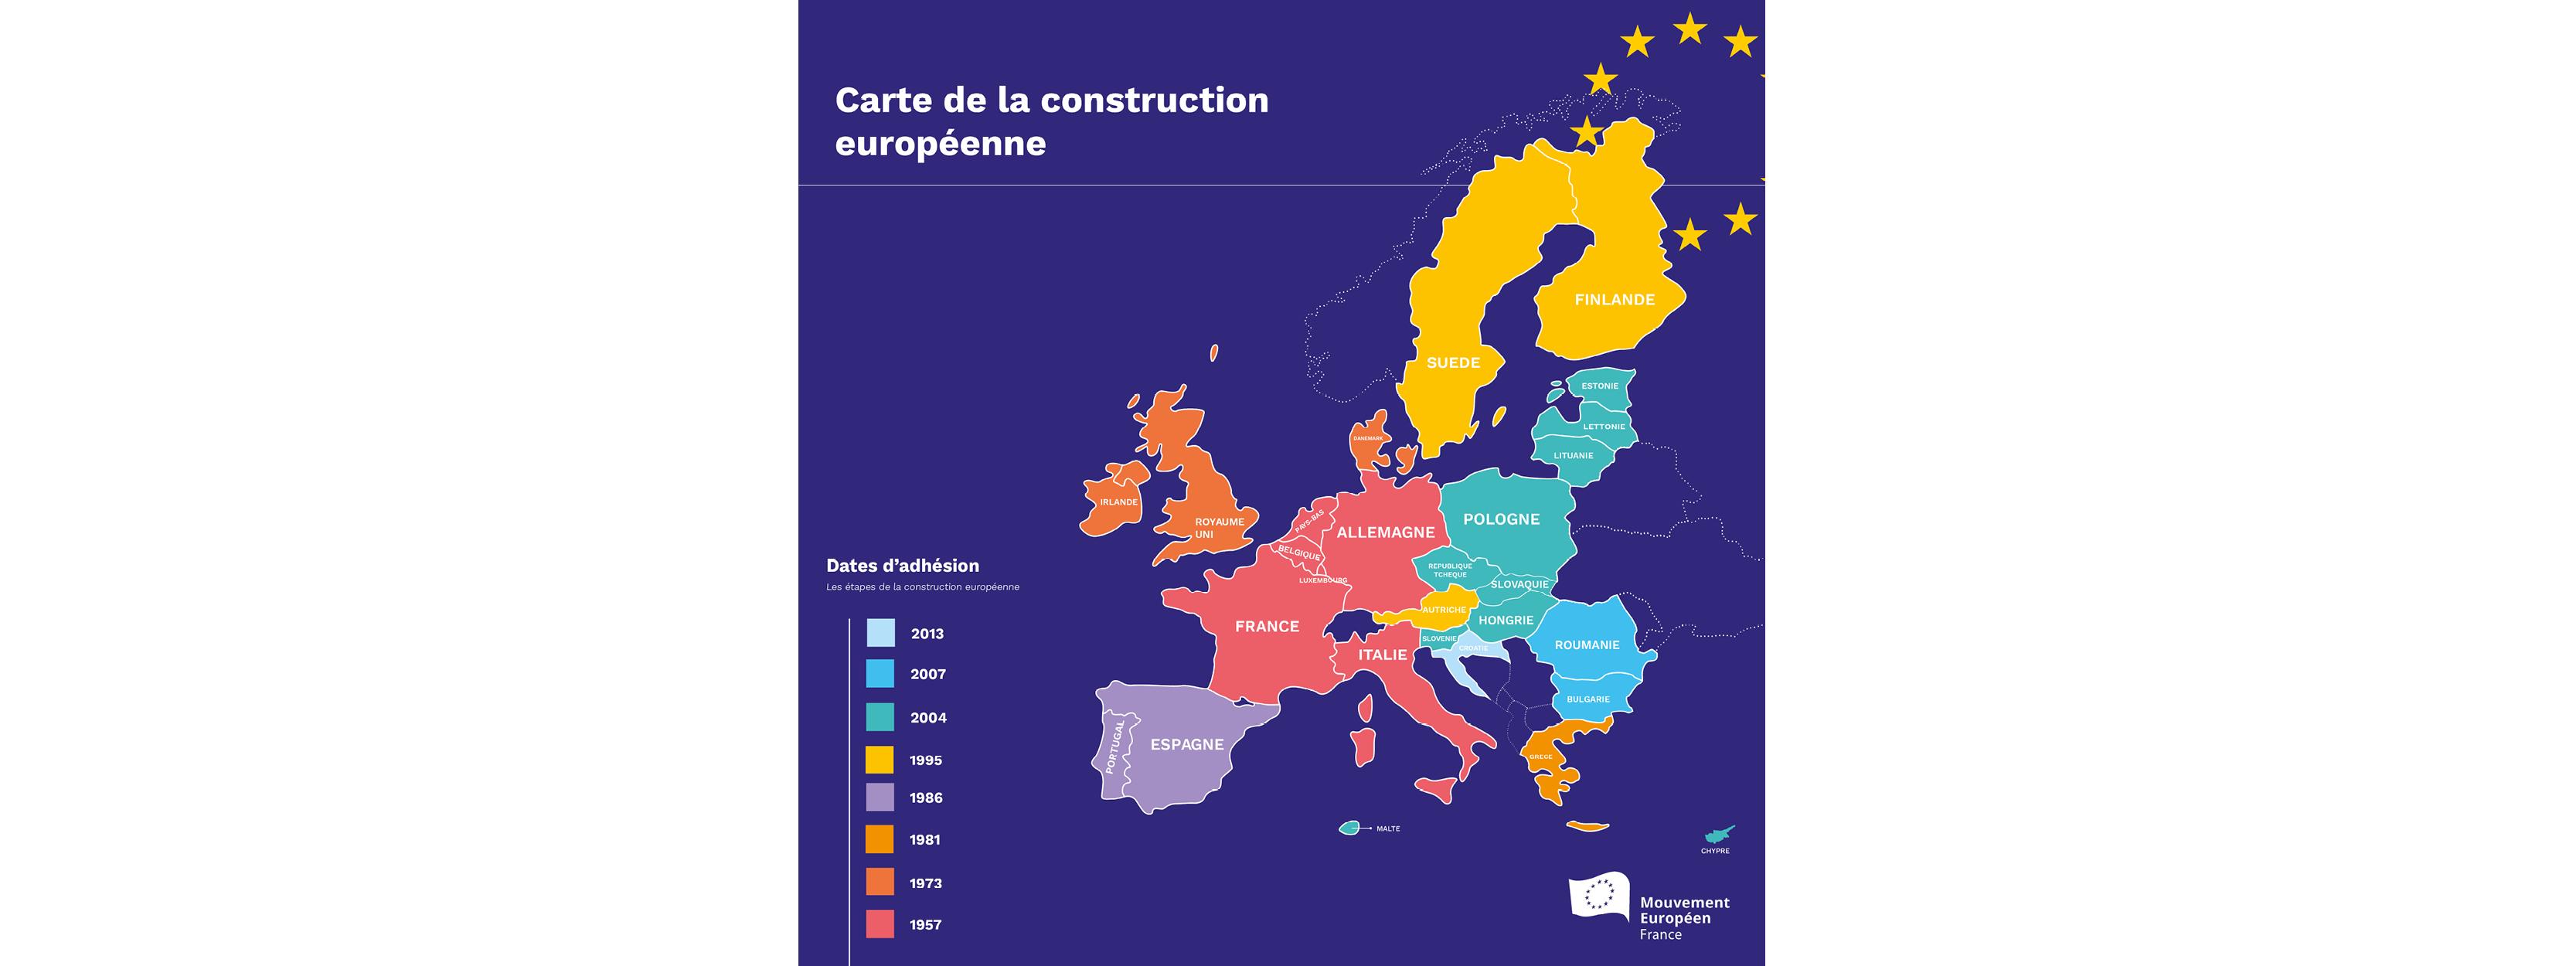 Union Européenne : La Construction Européenne En Carte concernant Union Européenne Carte Vierge